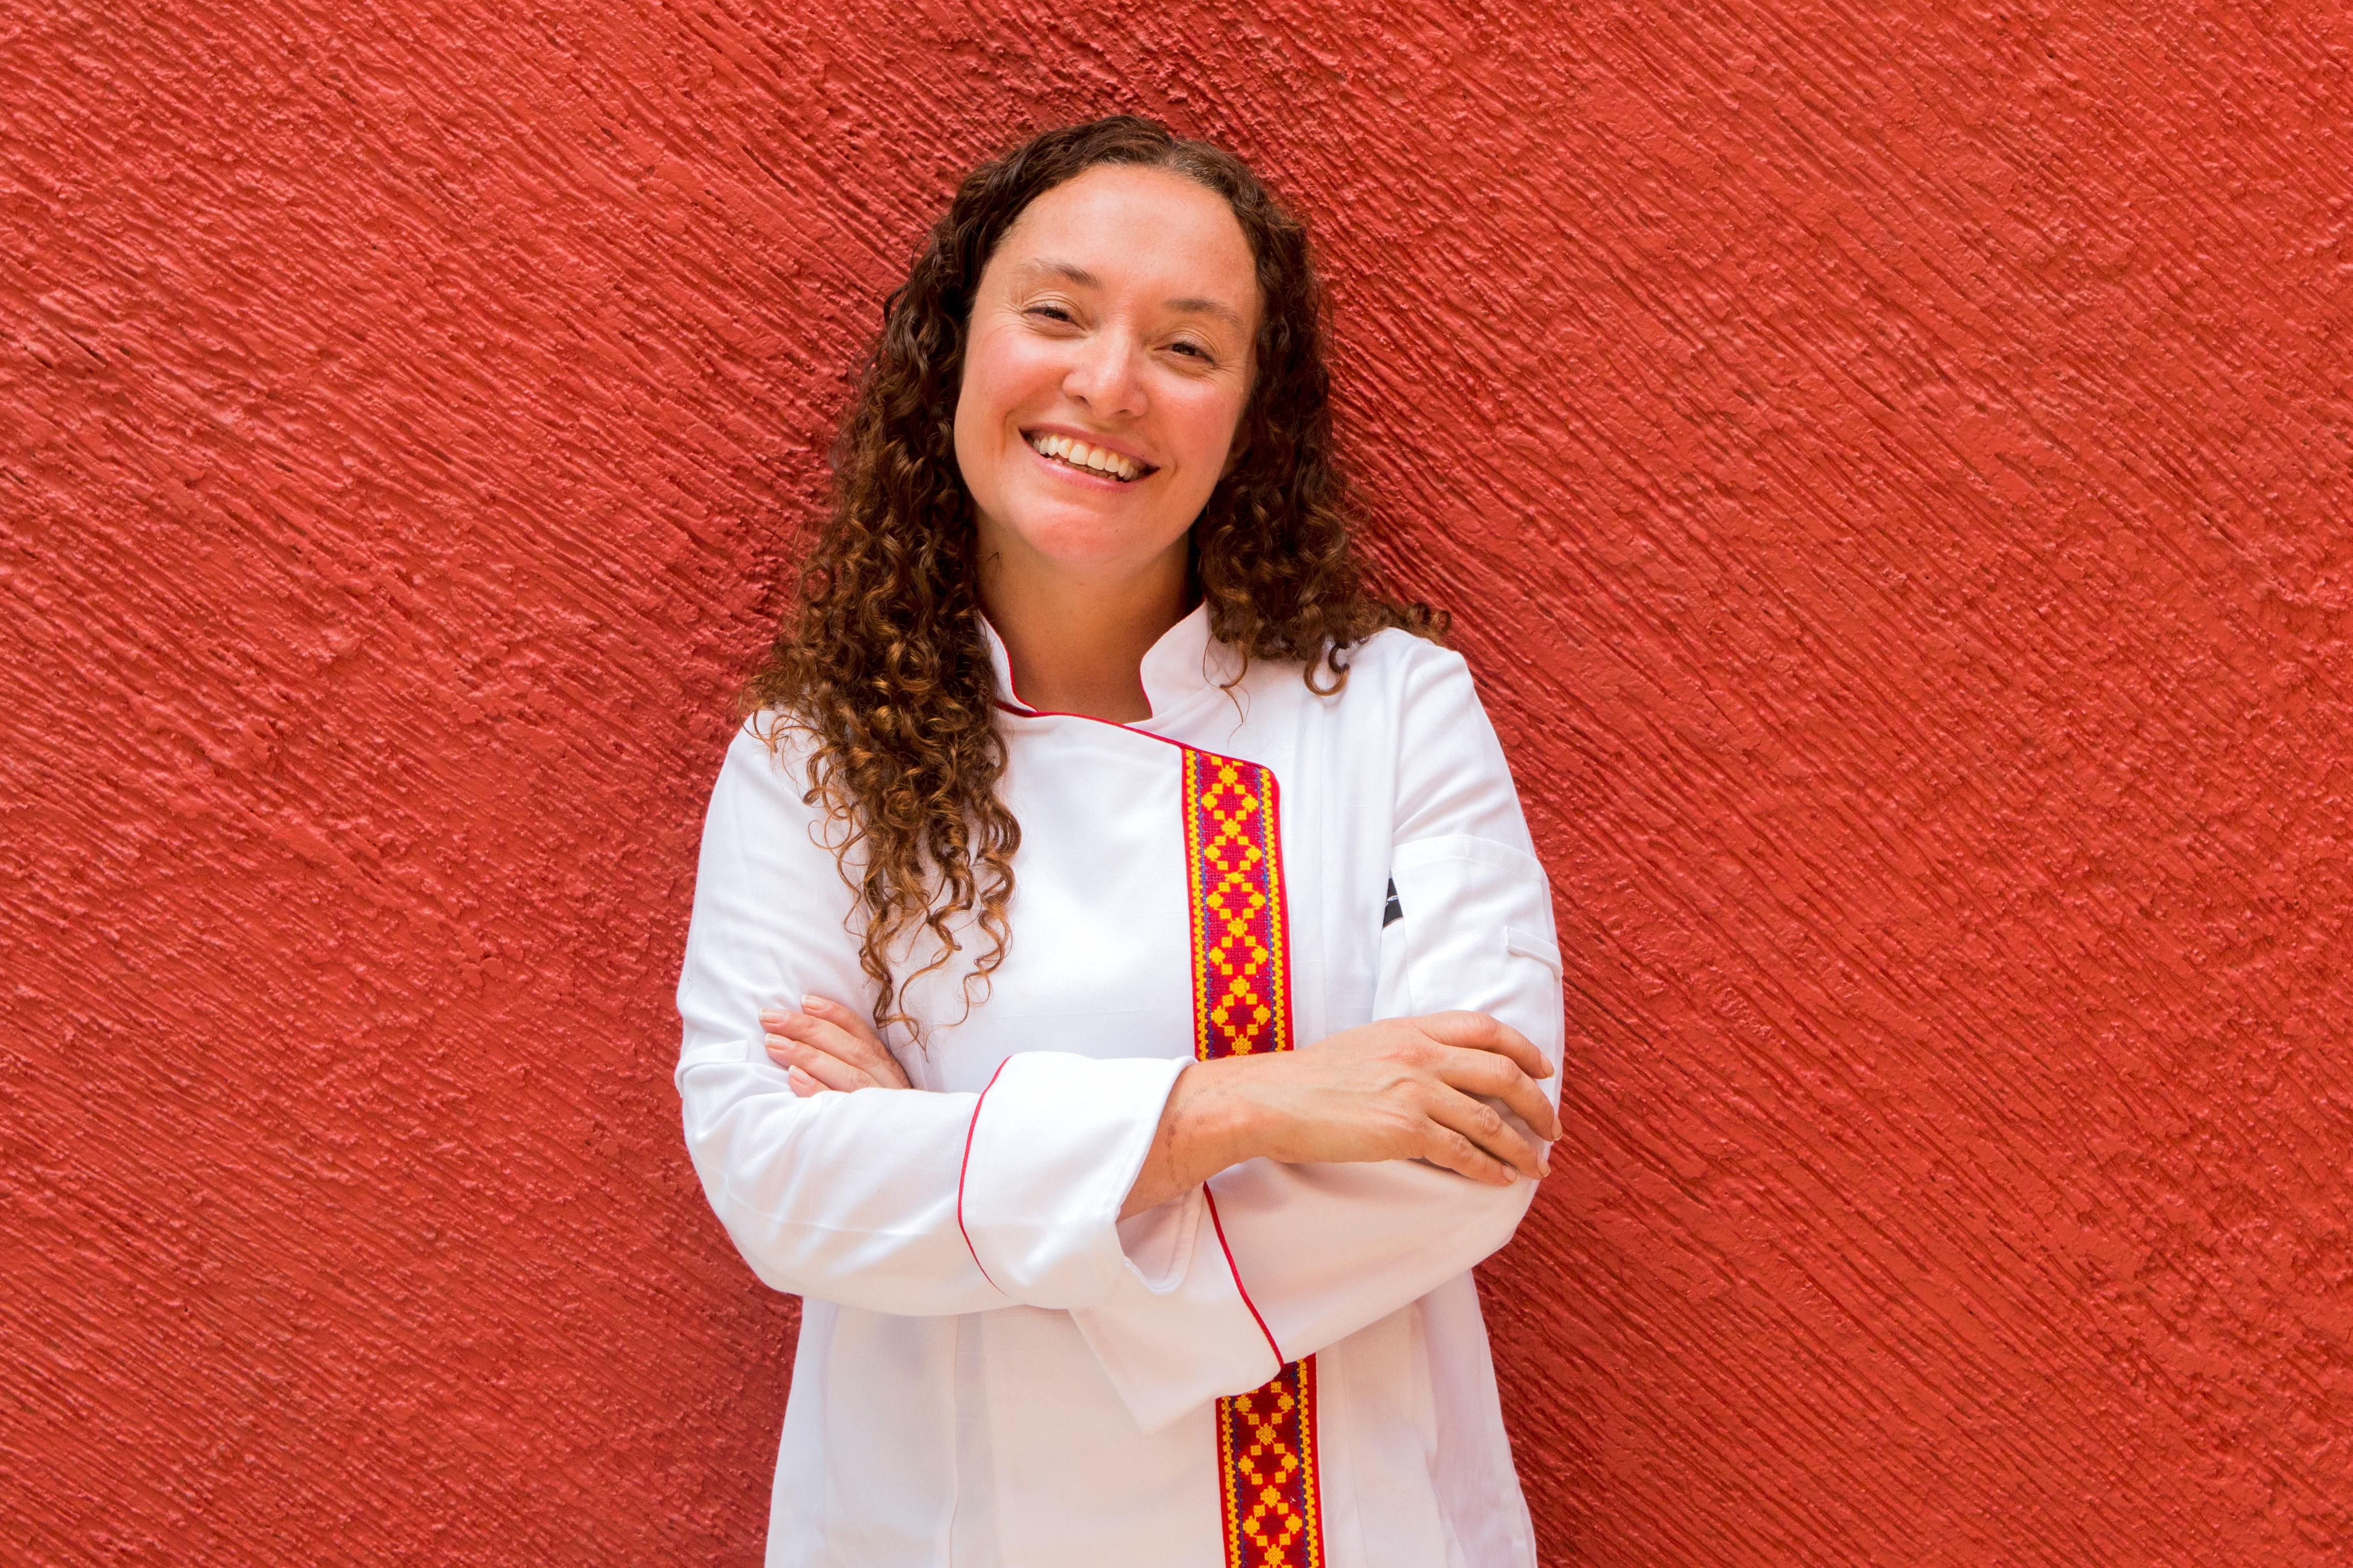 Marion Diaz